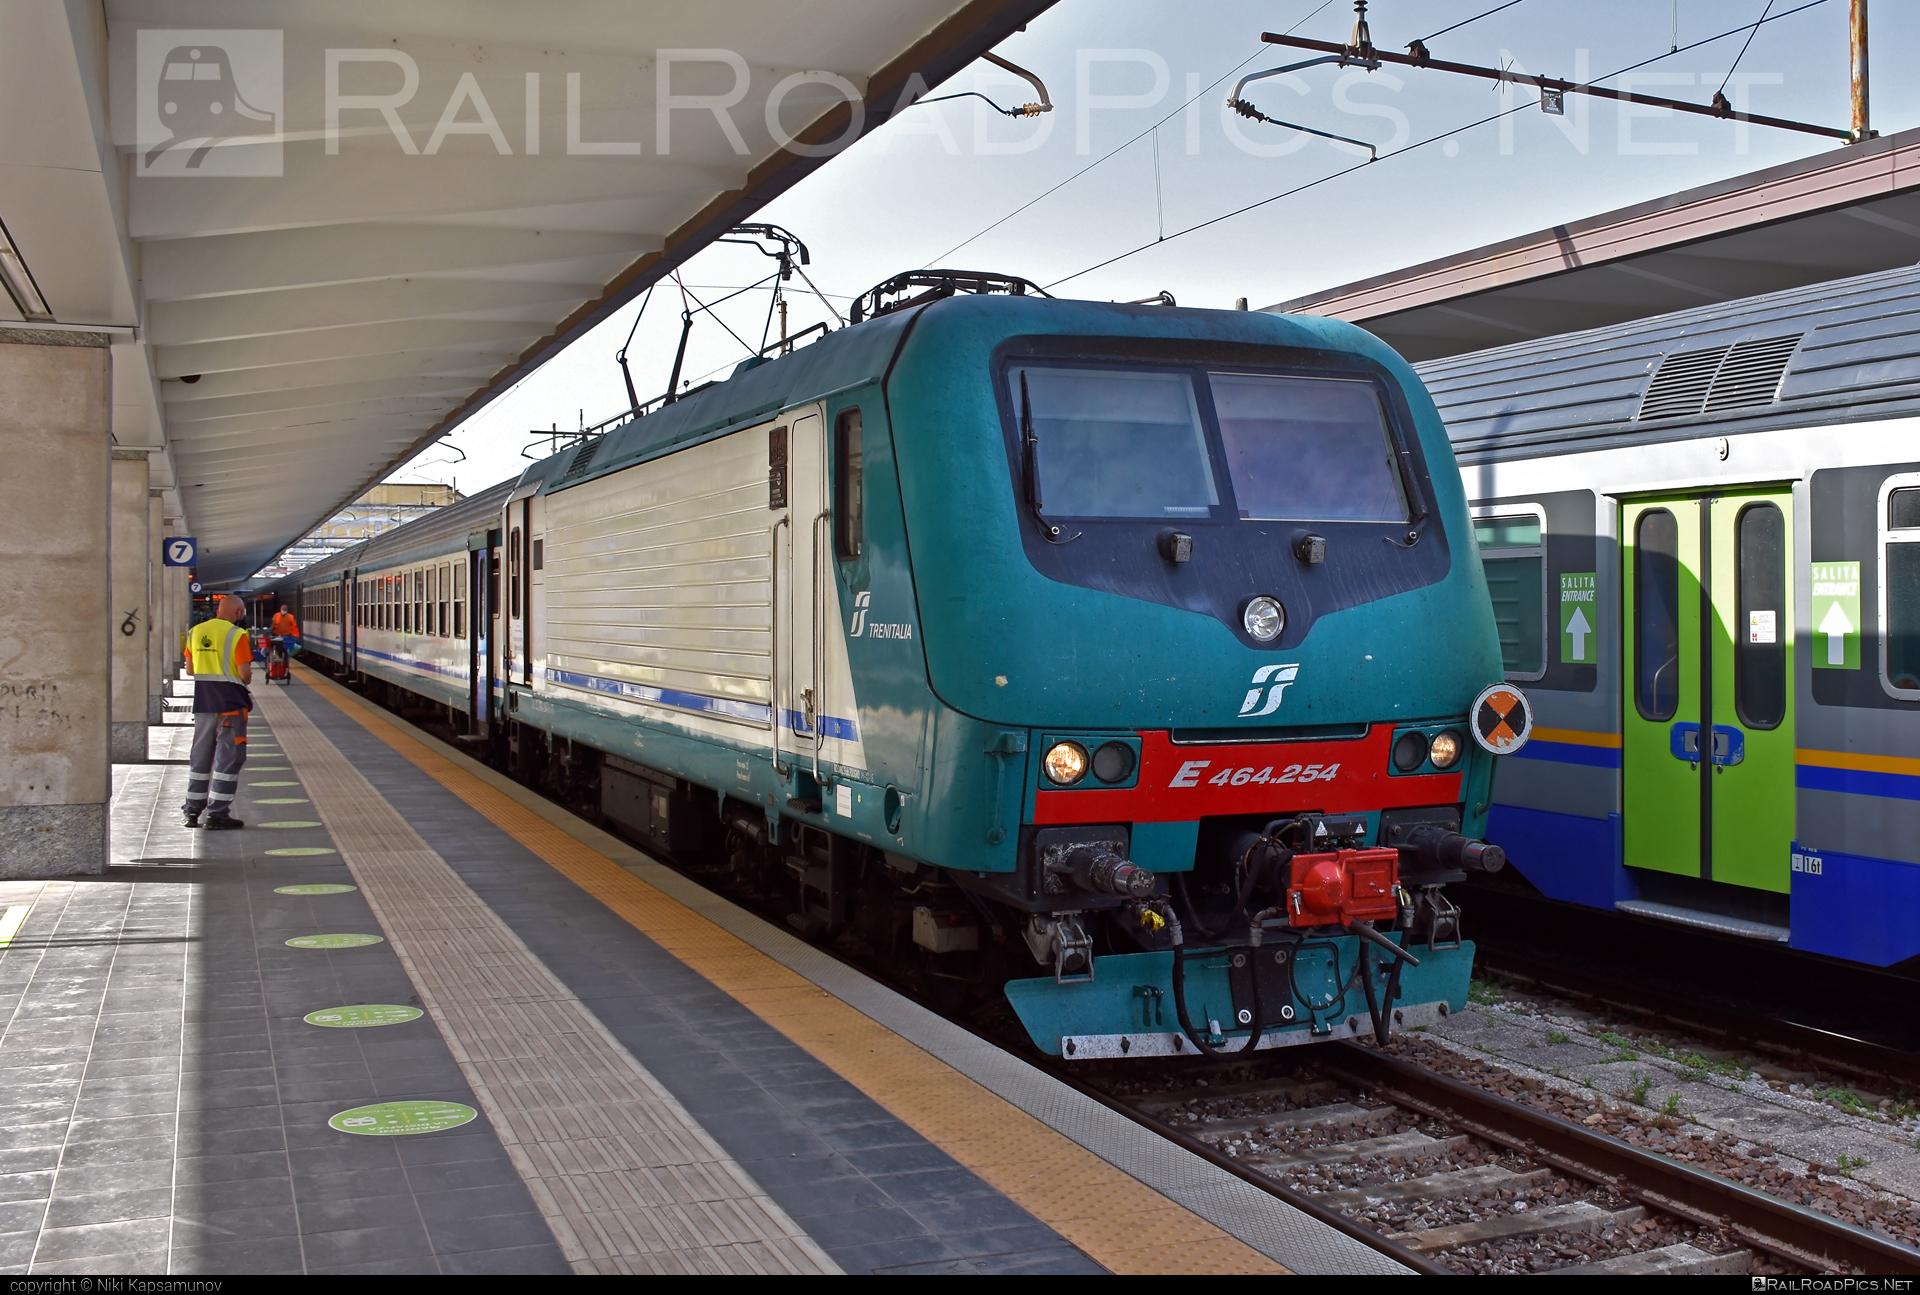 Bombardier TRAXX P160 DCP - E 464.254 operated by Trenitalia S.p.A. #bombardier #bombardiertraxx #ferroviedellostato #fs #fsitaliane #lavatrice #traxx #traxxp160 #traxxp160dcp #trenitalia #trenitaliaspa